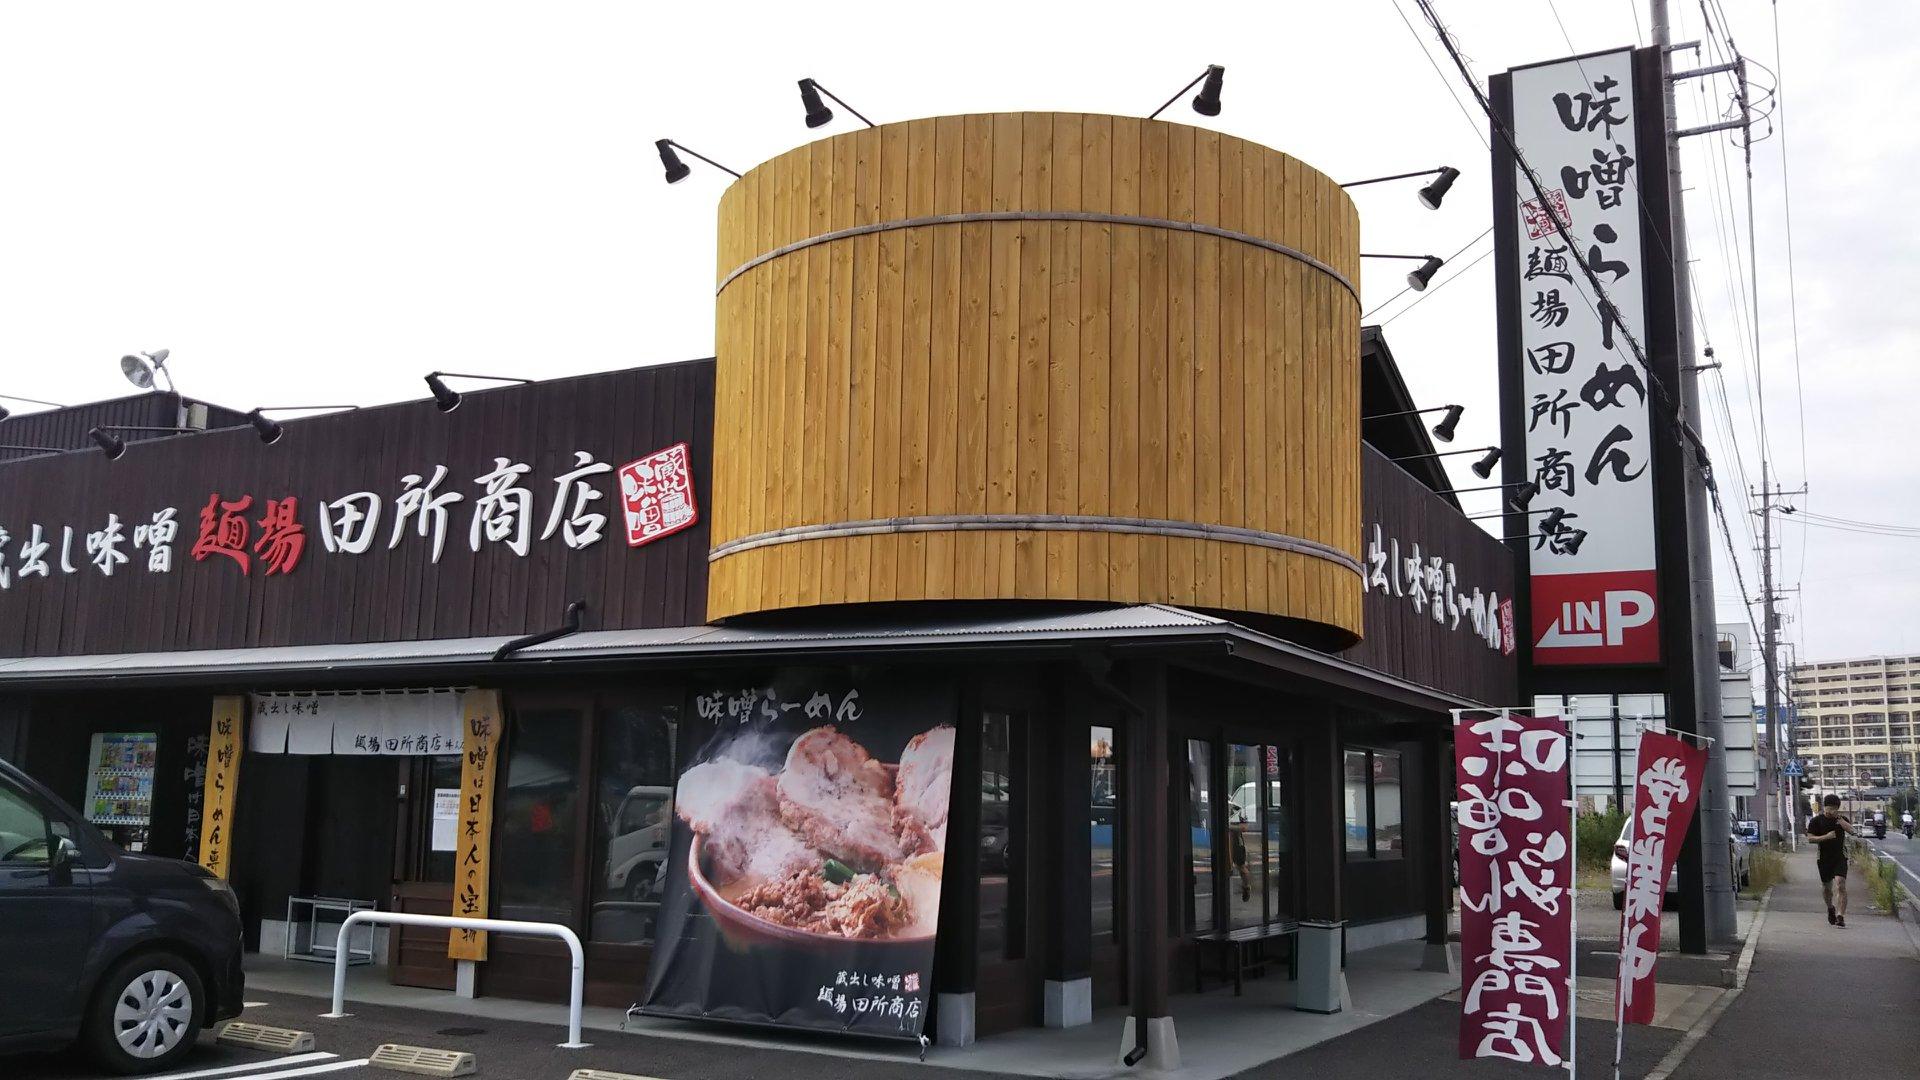 ラーメンマン 麺場 田所商店